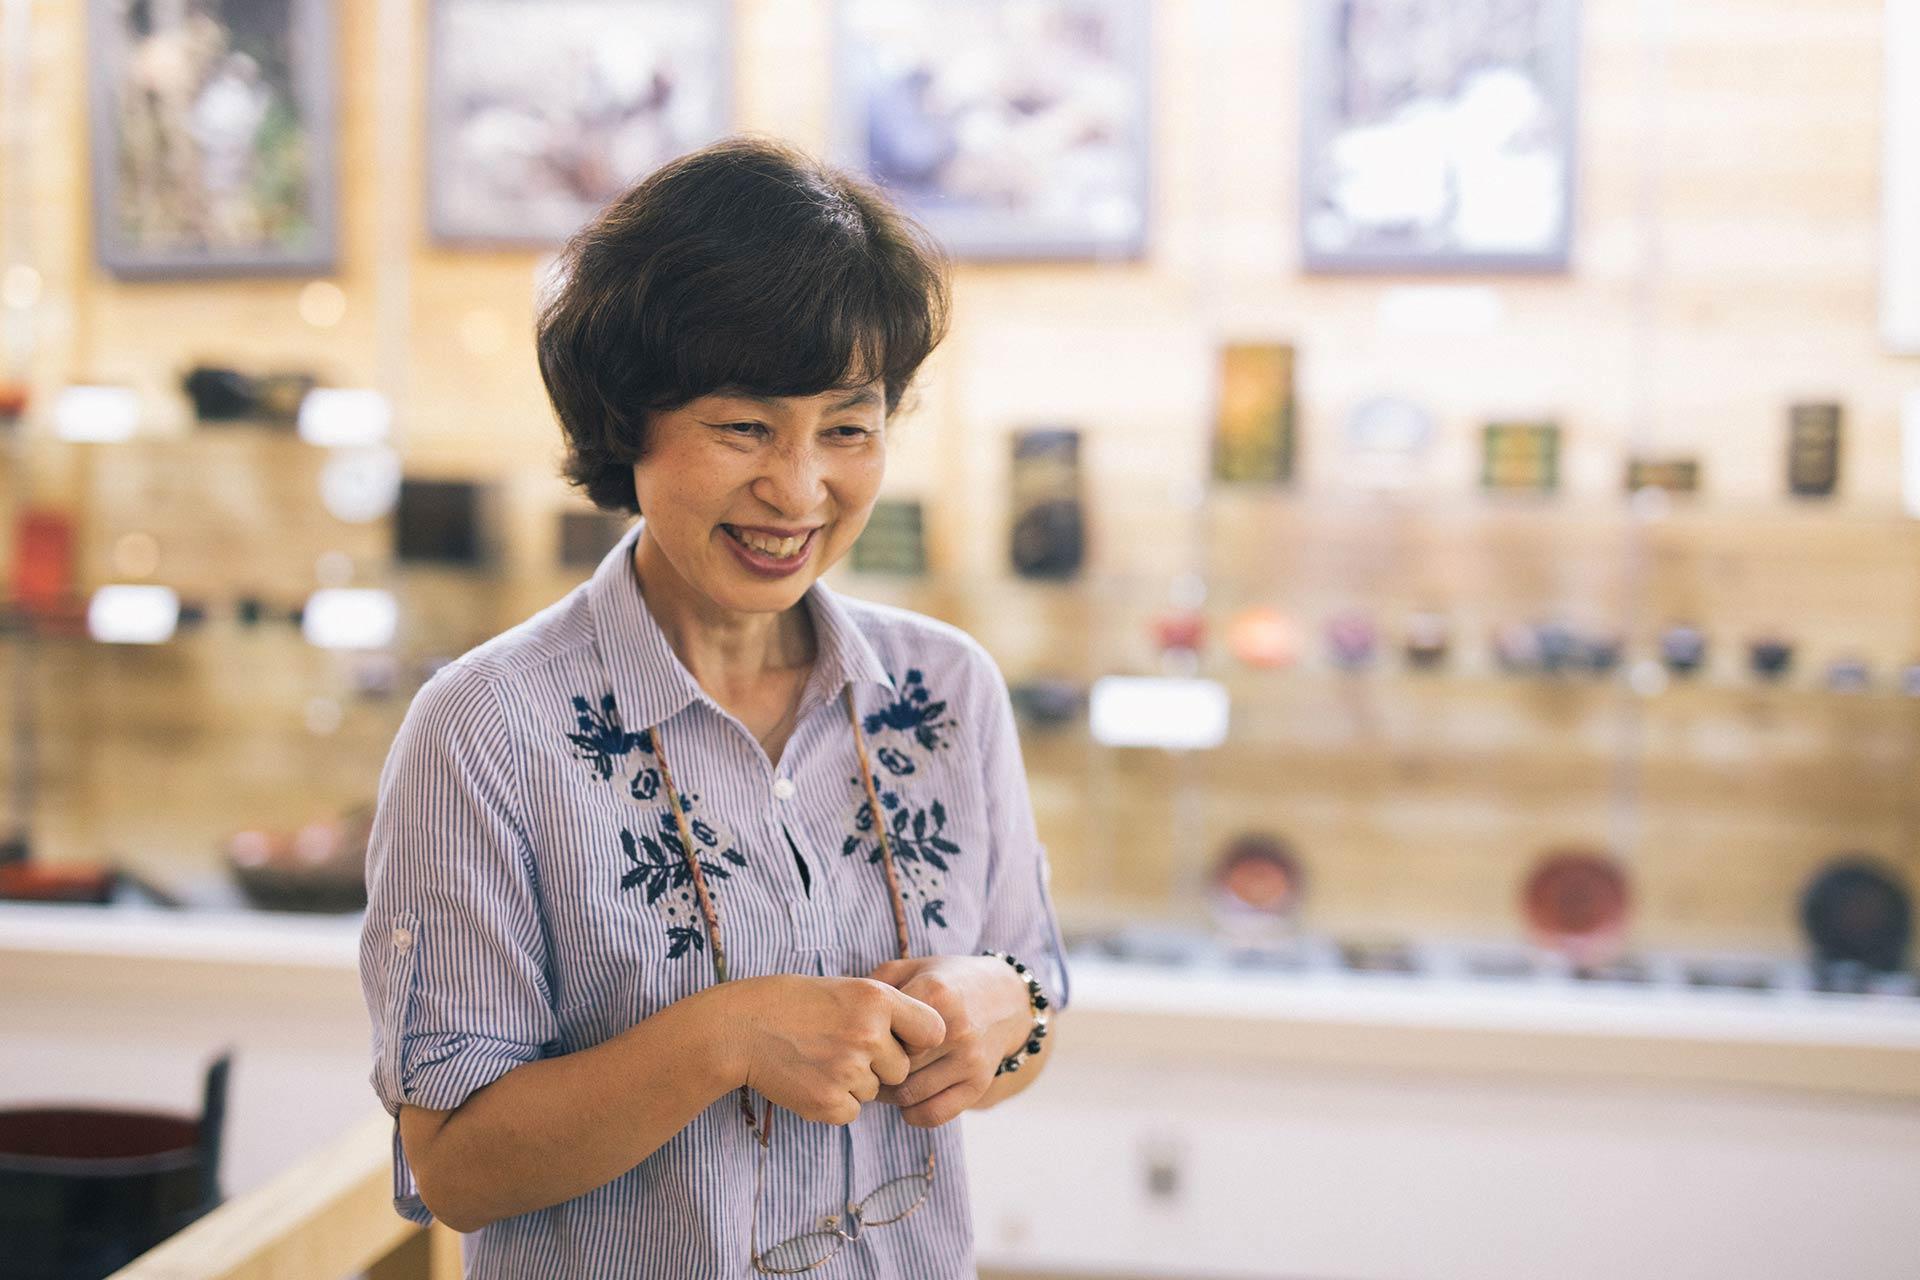 「浄法寺歴史民俗資料館」の資料調査員である中村弥生さん